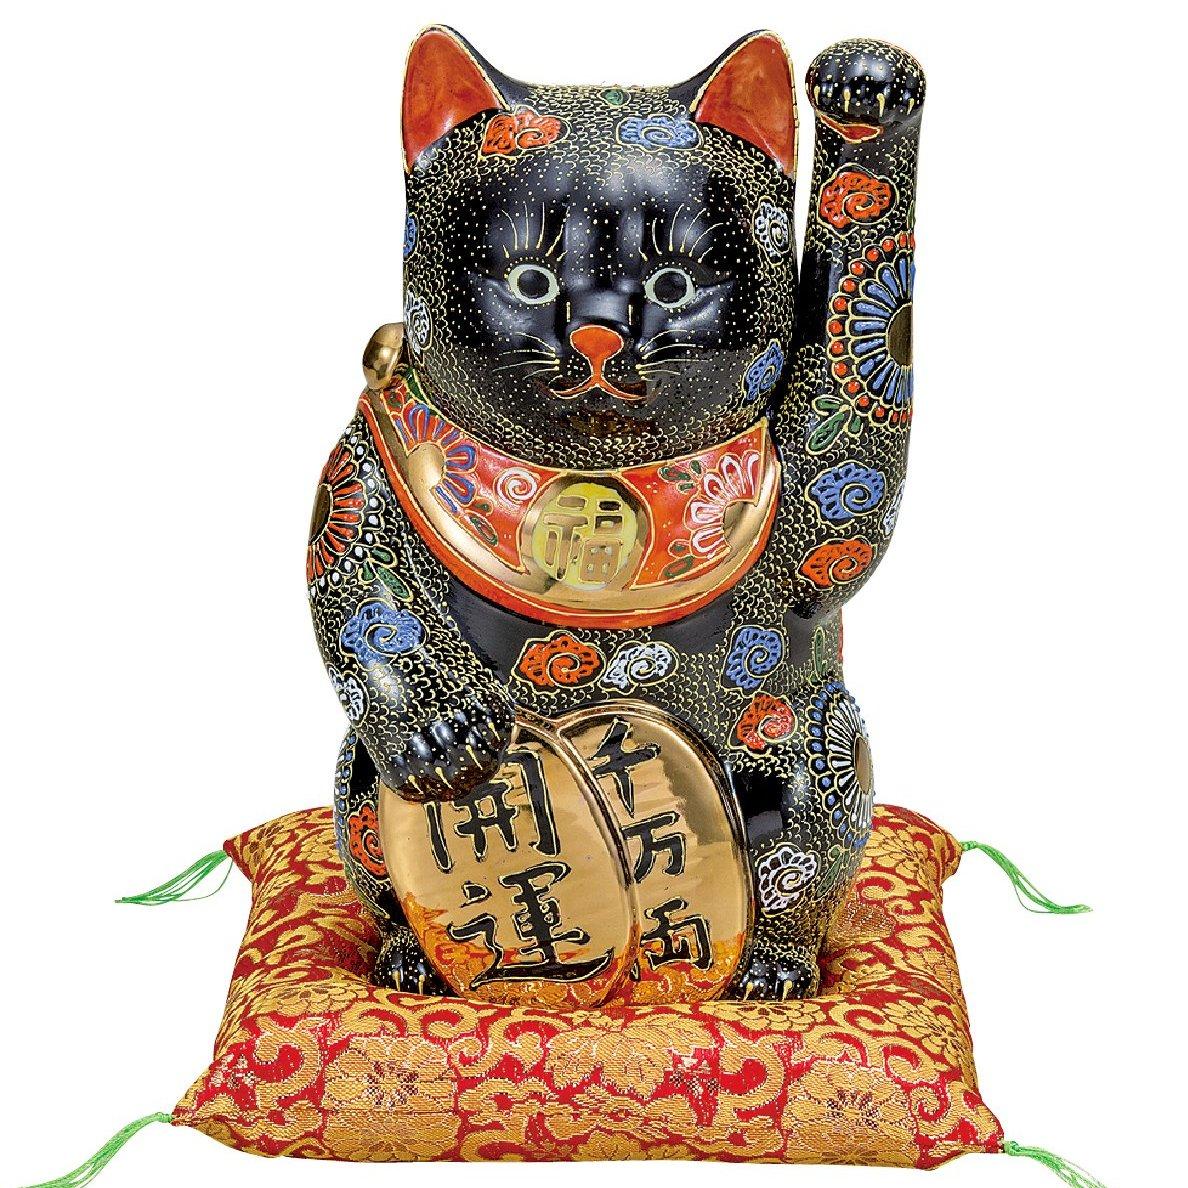 九谷焼ギフト ご贈答品 御祝い 九谷焼8号小判招き猫 黒盛(布団付)